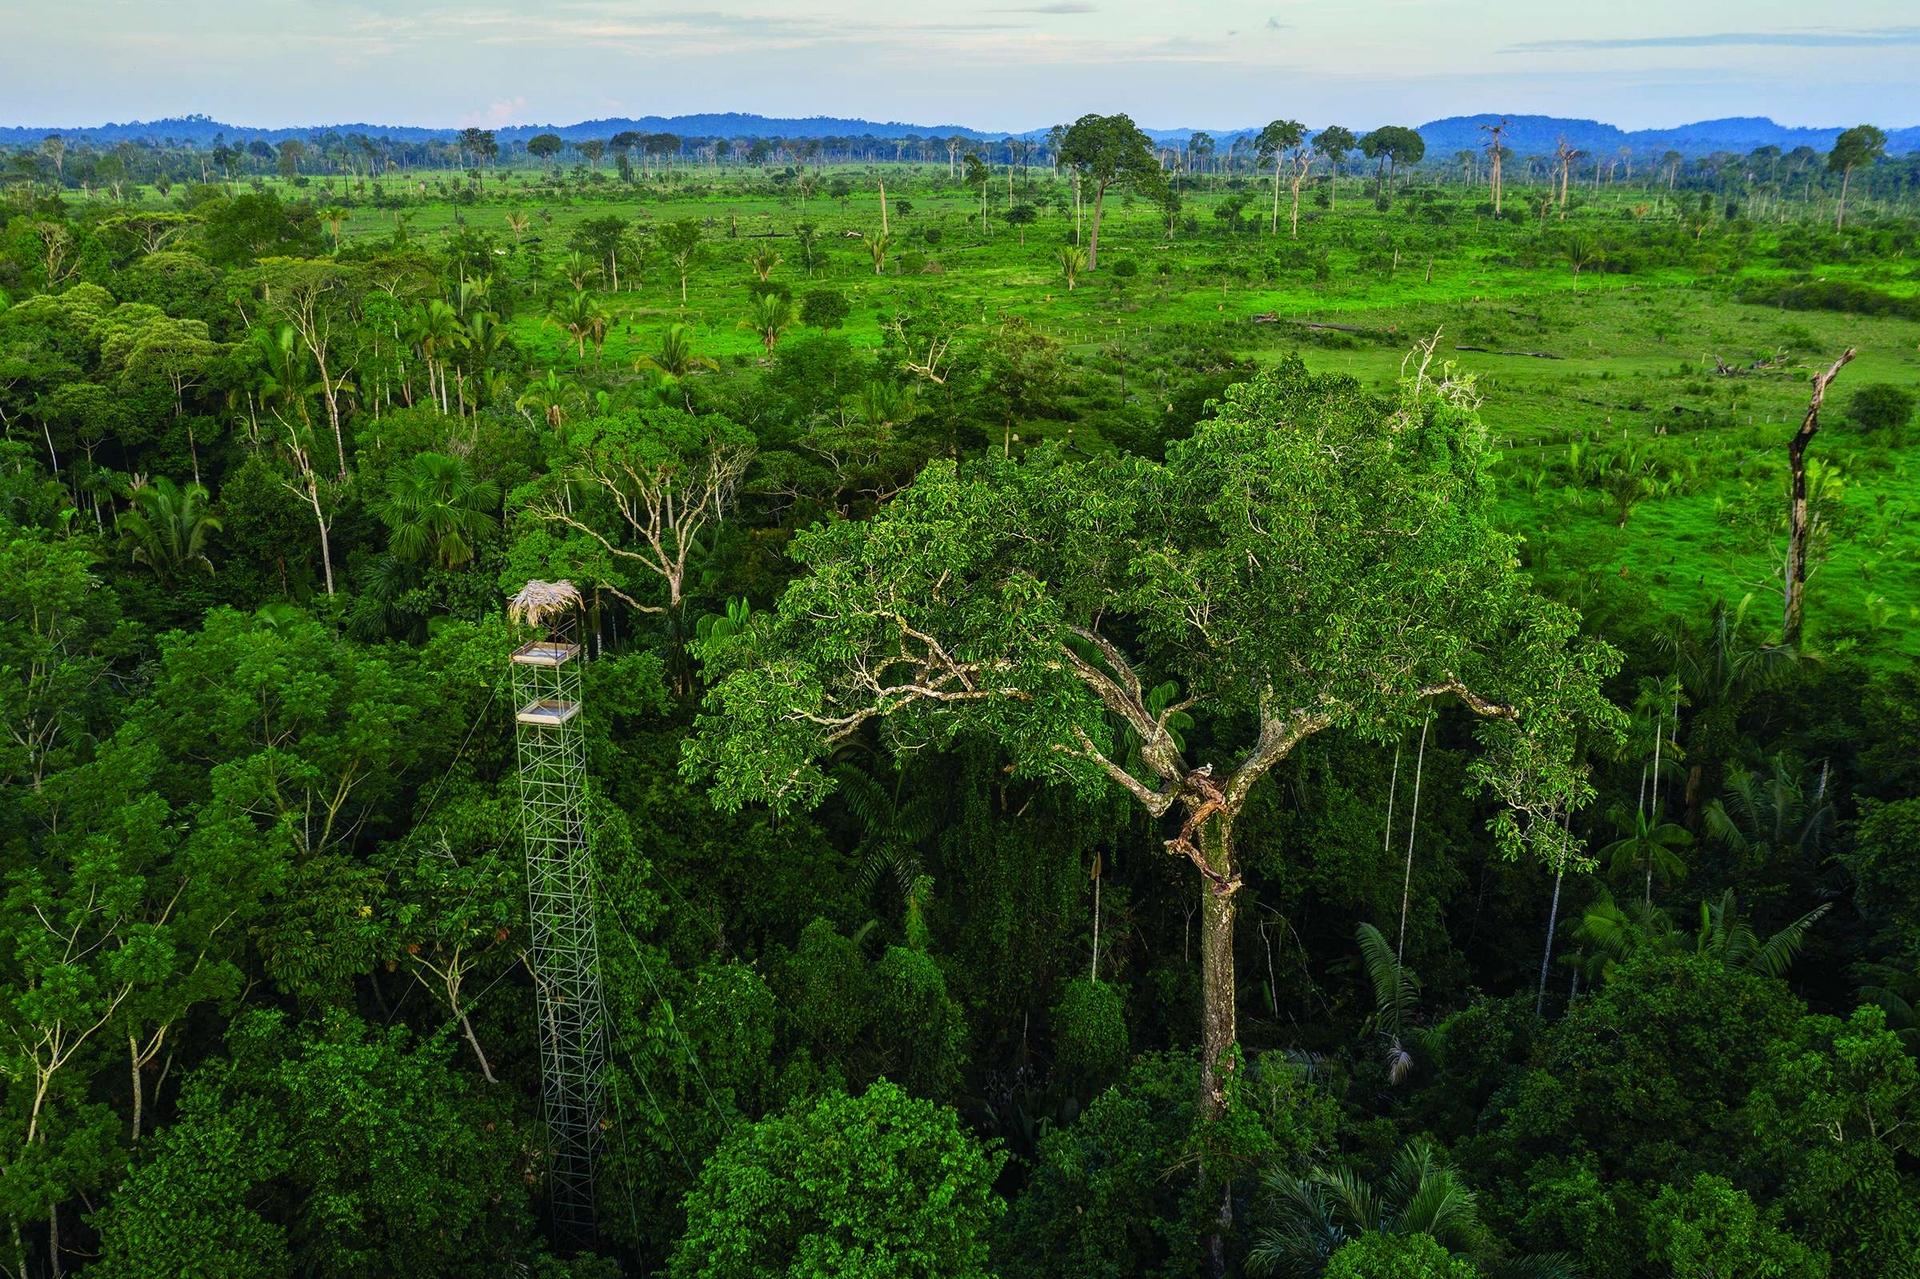 角鵰現在主要生活在亞馬遜雨林中,在那裡,為了經營牧場而砍伐樹木的行為正逐漸摧毀角鵰的棲地。保育人士盼望,遊客付費從圖中這樣的高塔上觀察角鵰巢,能夠讓牧場主賺到足夠的錢,減少砍伐森林。攝影:凱琳.艾格納 KARINE AIGNER